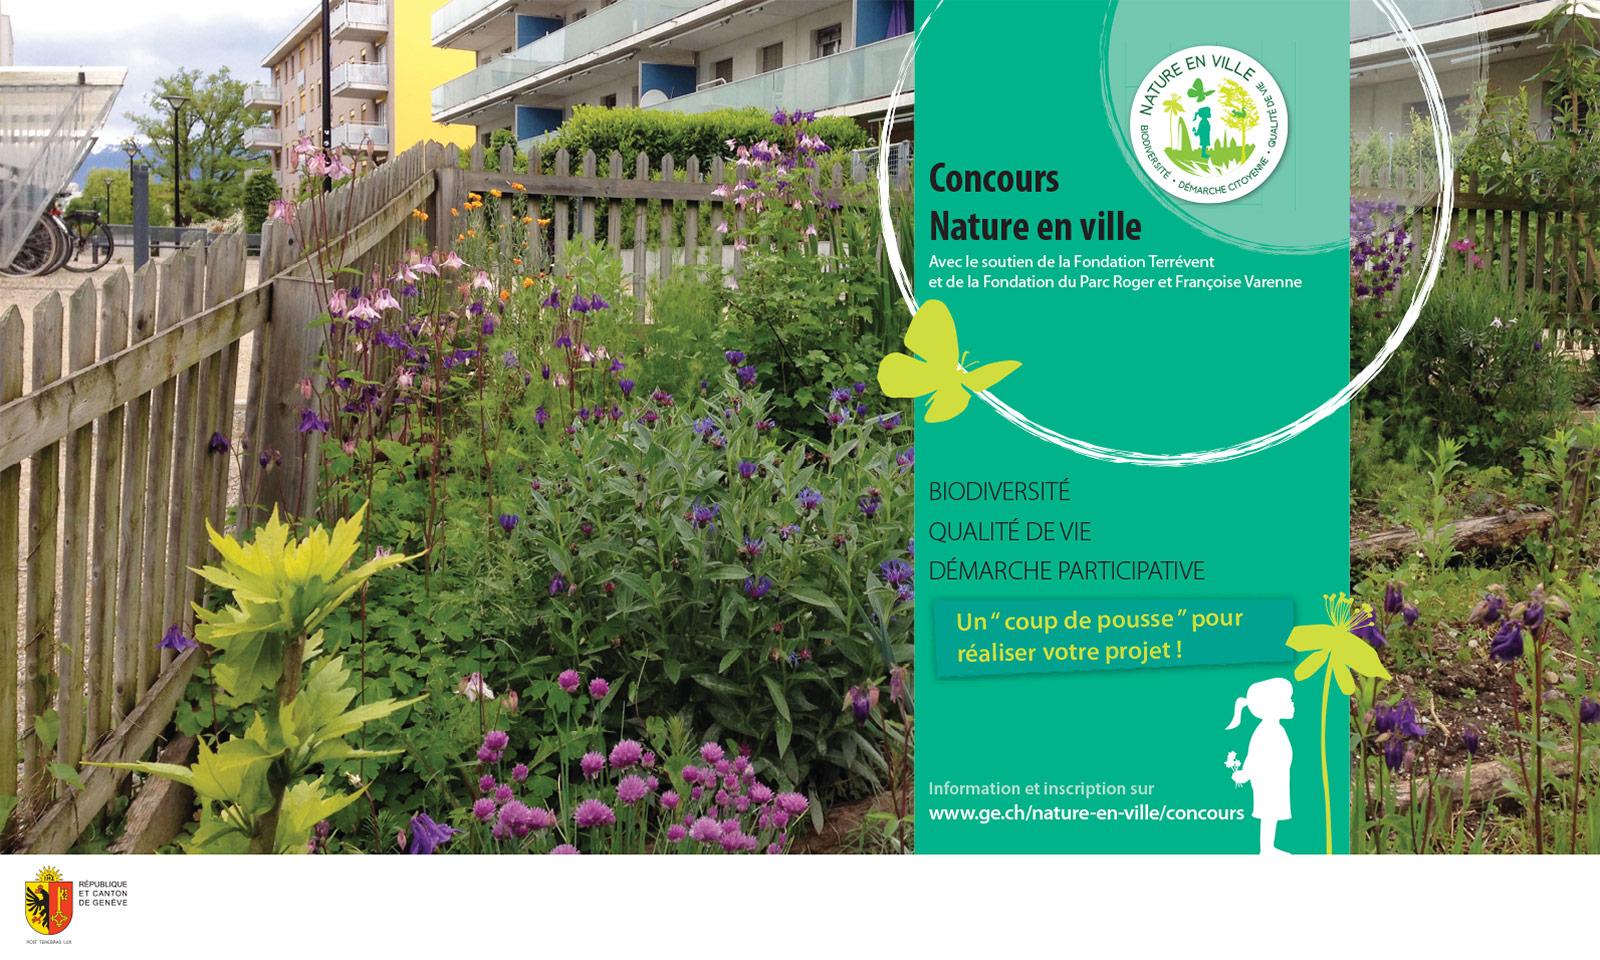 Bâche présentant le concours Nature en ville - Etat de Genève - DETA